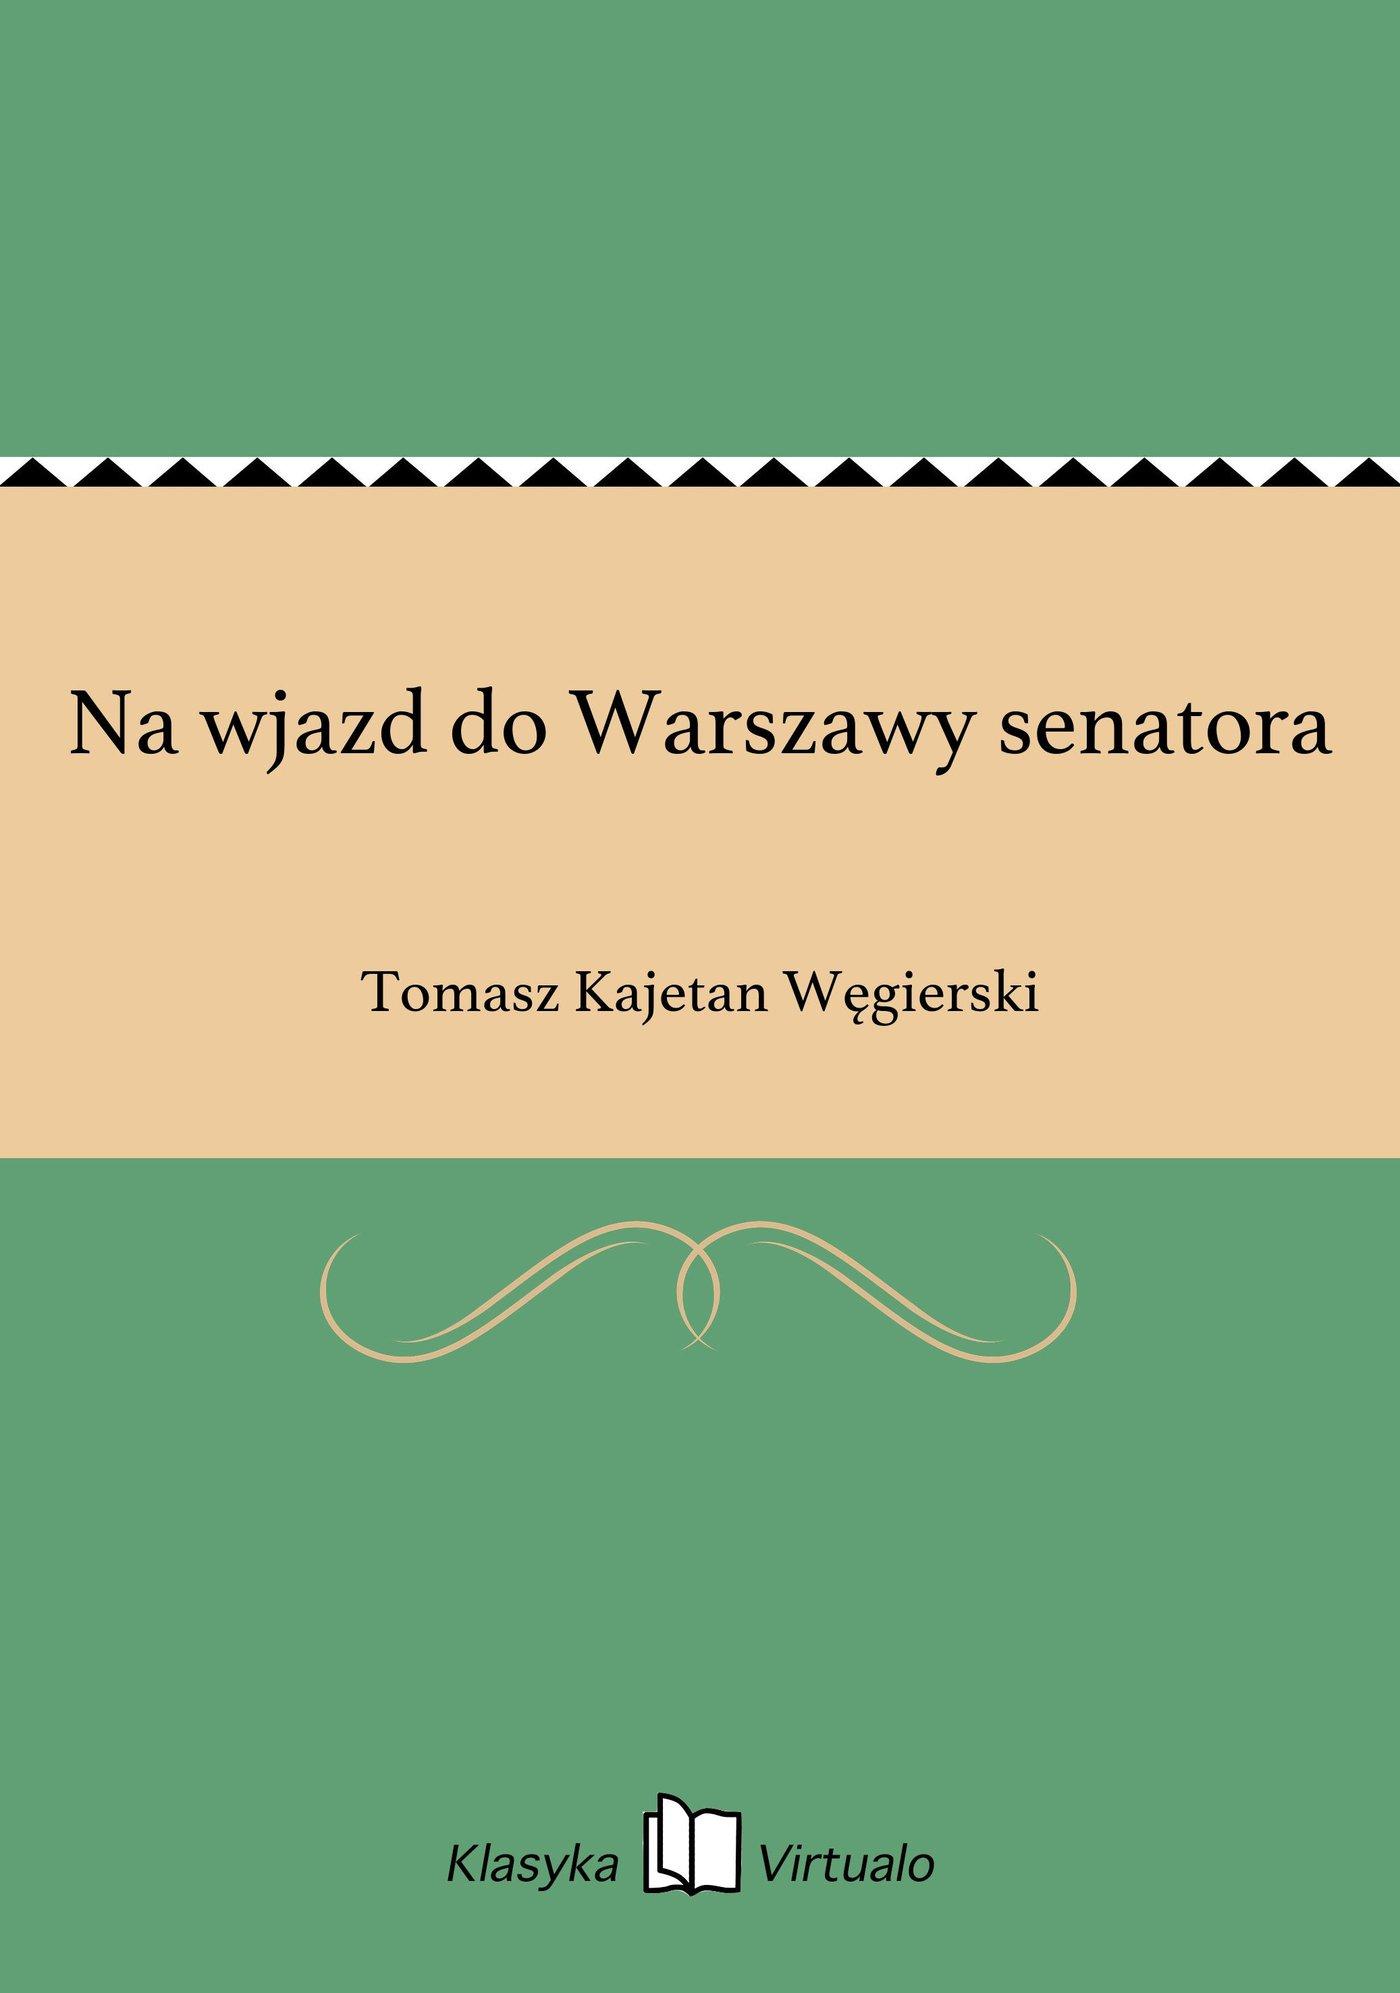 Na wjazd do Warszawy senatora - Ebook (Książka EPUB) do pobrania w formacie EPUB